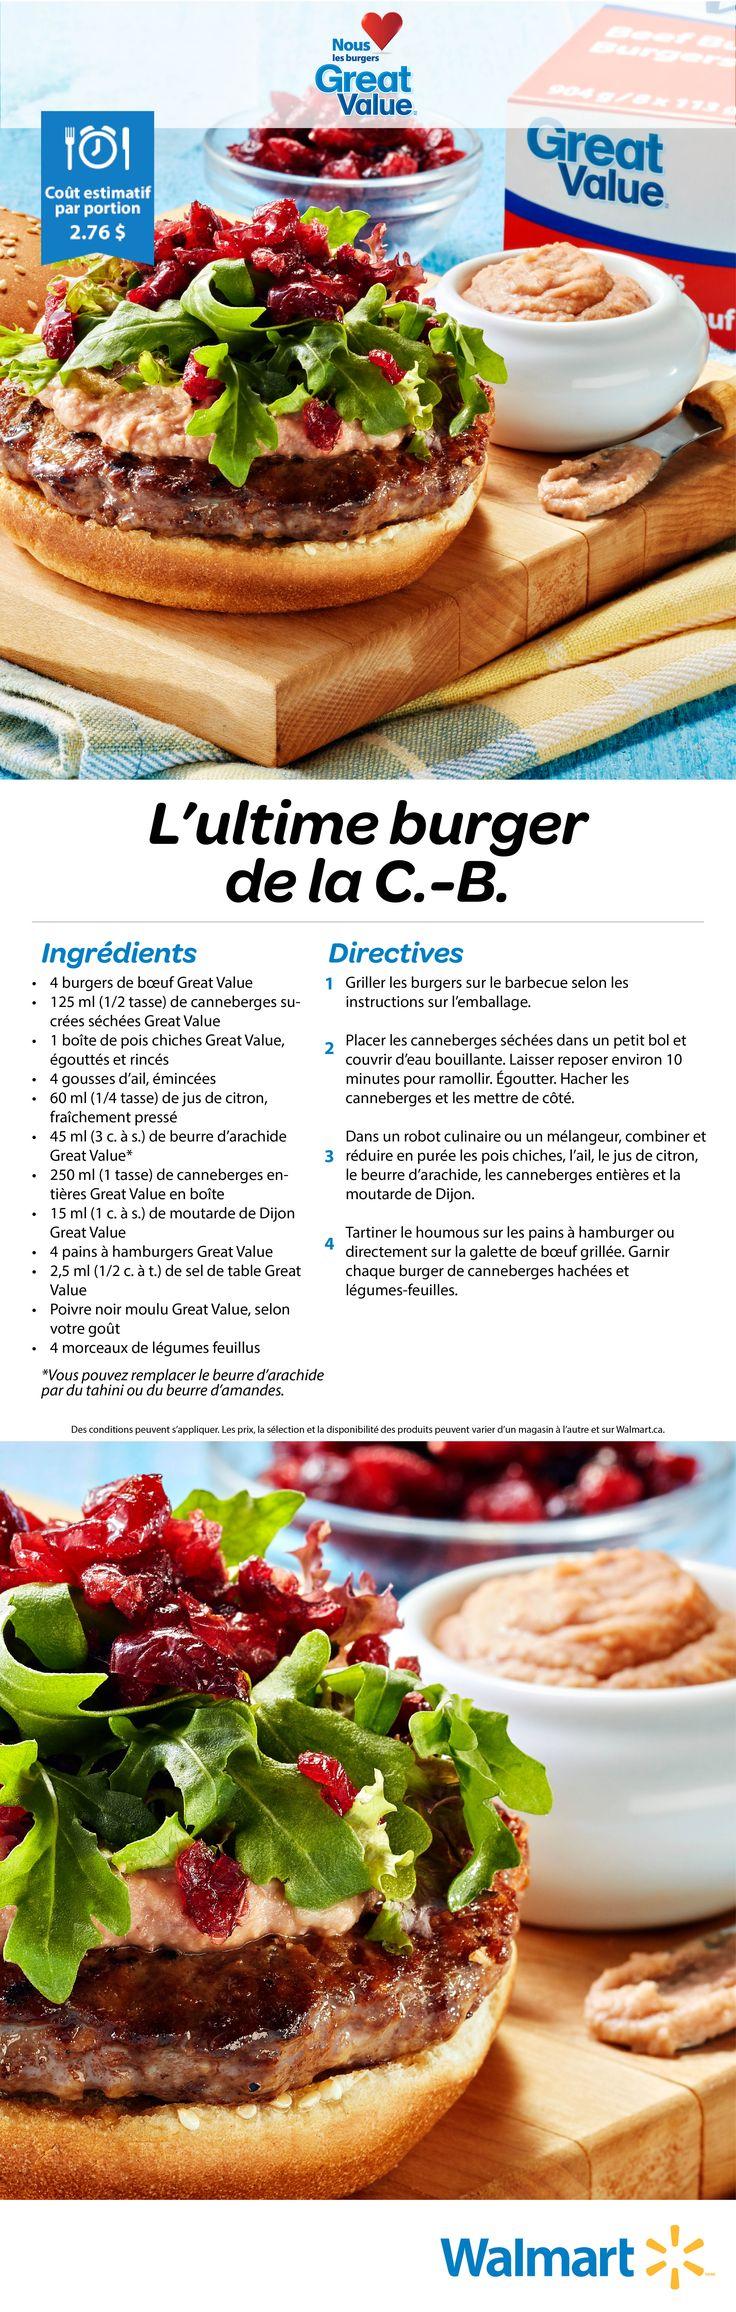 Notre Ultime burger de la C.-B. est probablement l'un des meilleurs sur le gril cette année. Le secret? Le beurre d'arachide Great Value! #bbq #recettesdebbq #recettesdeburgers #hamburgers #bbqdanslacour #réceptionestivale #meilleursburgers #recettesestivales #pausebifteck